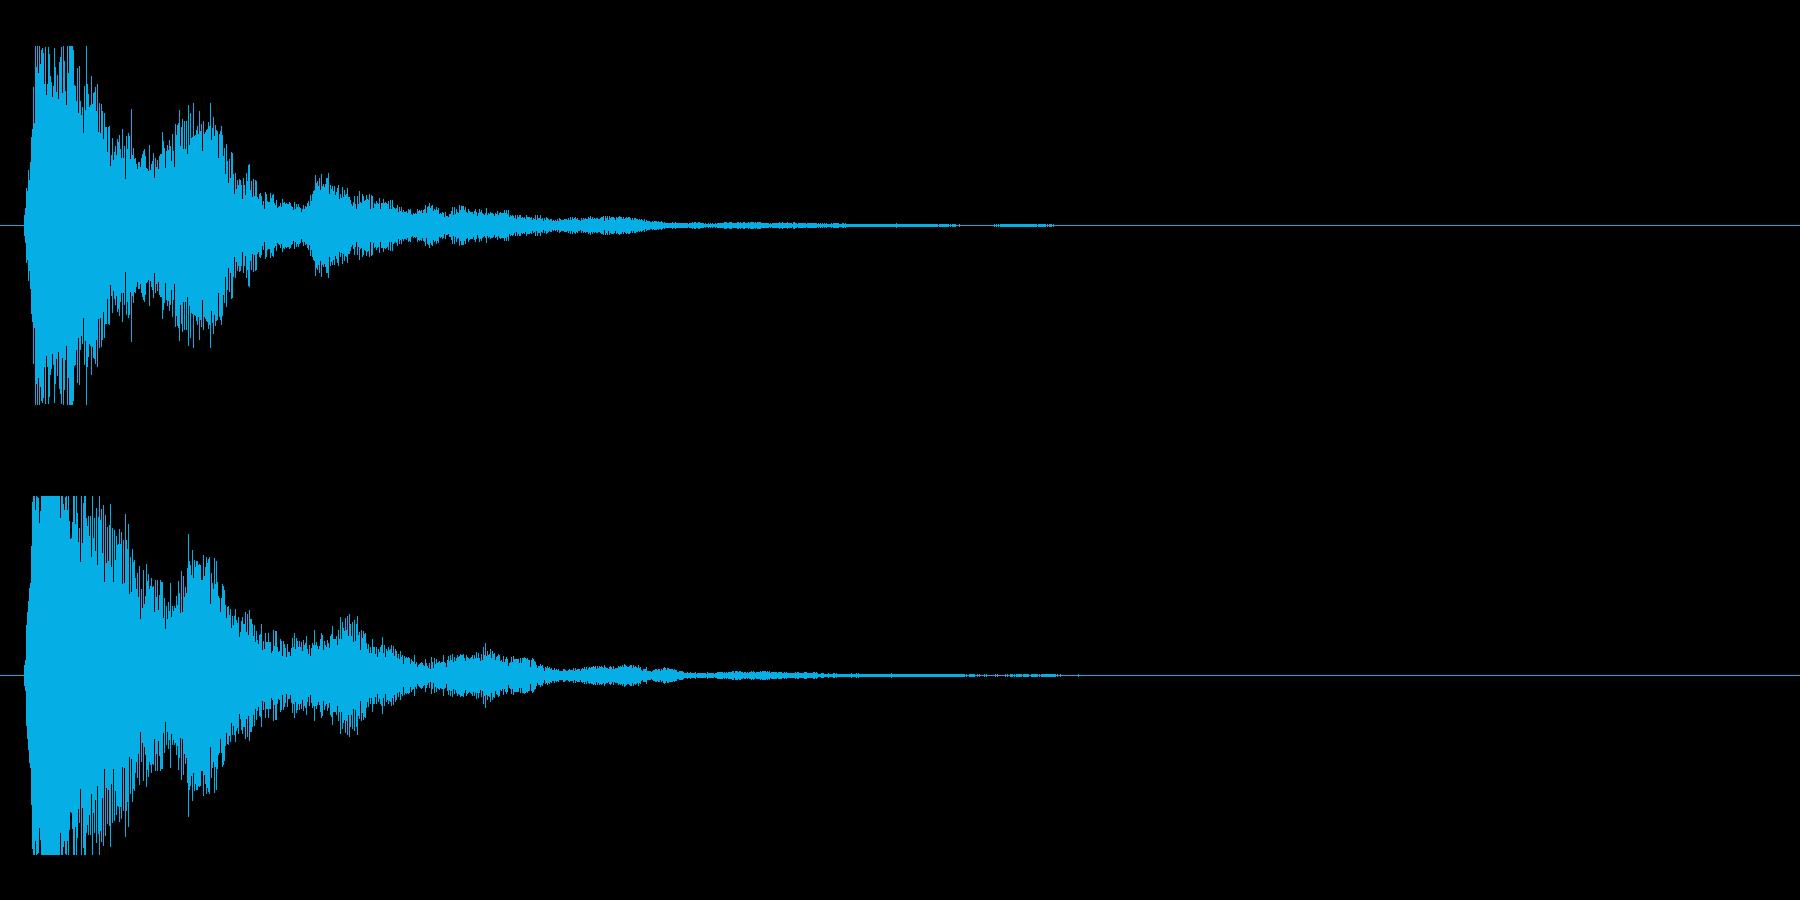 レーザー音-47-2の再生済みの波形